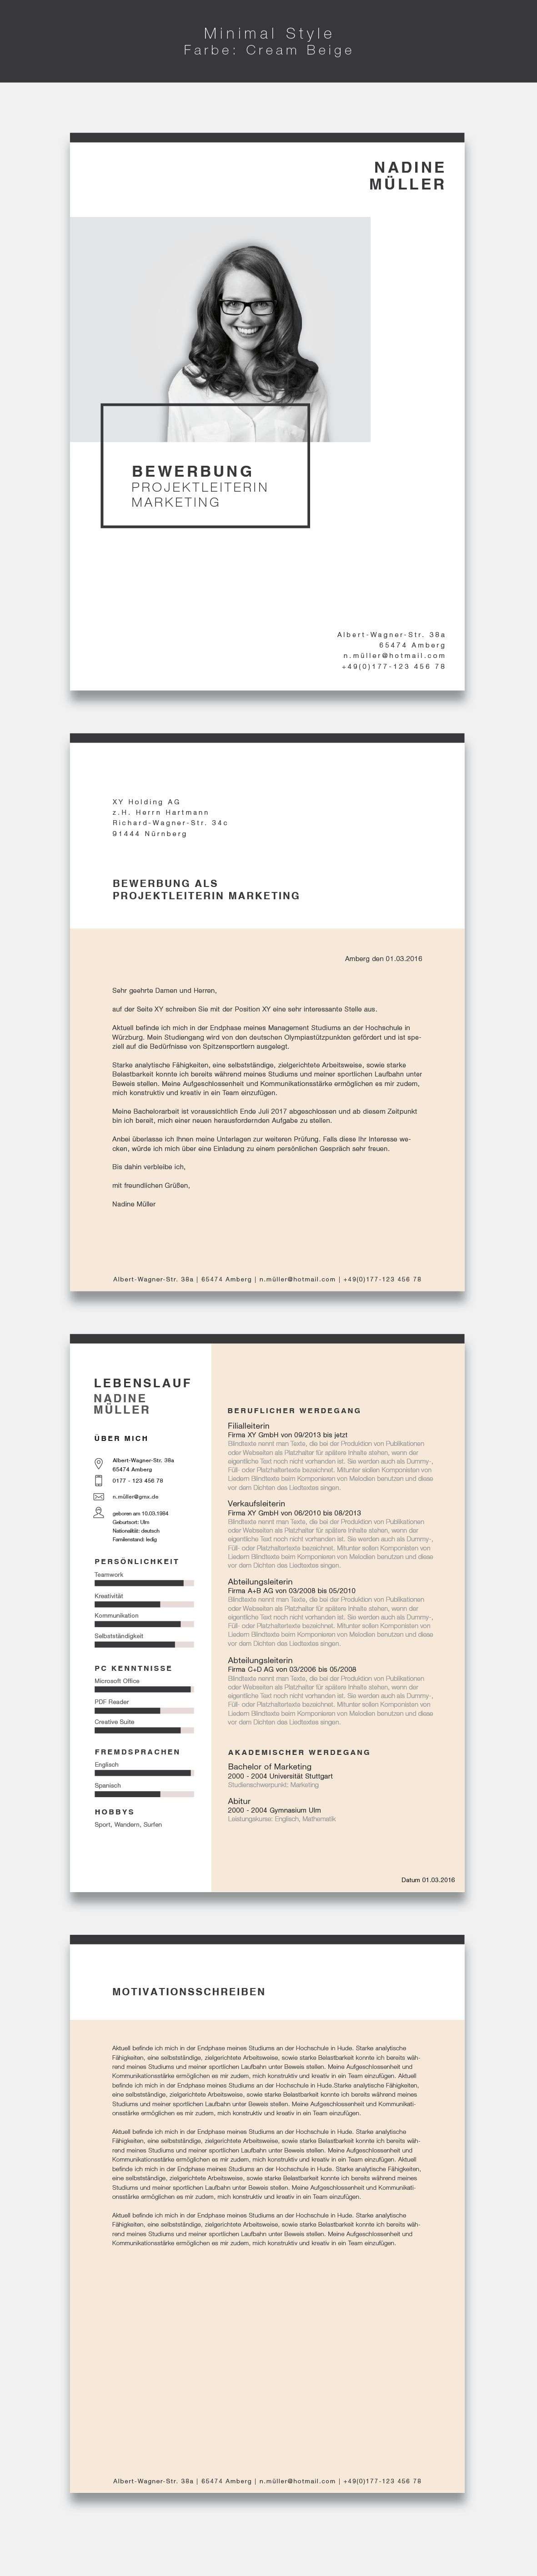 unsere bewerbungsvorlage cvtemplate minimal style in der farbe cream beige minimalistisches design kombiniert m vorlagen fr deine bewerbung - Wie Ist Eine Bewerbung Aufgebaut